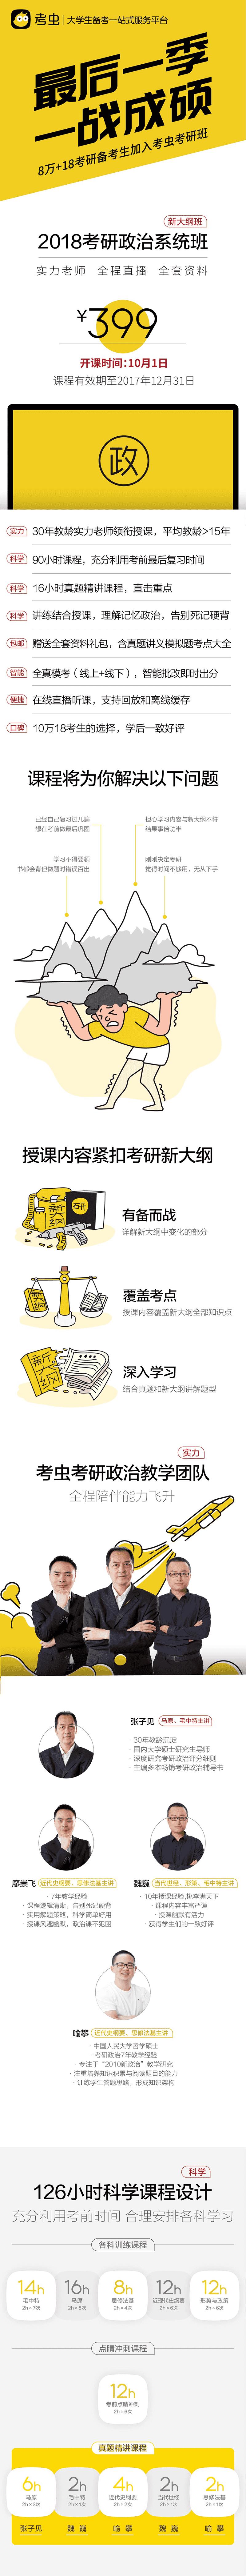 考研18政治新大纲班-01 拷贝.png